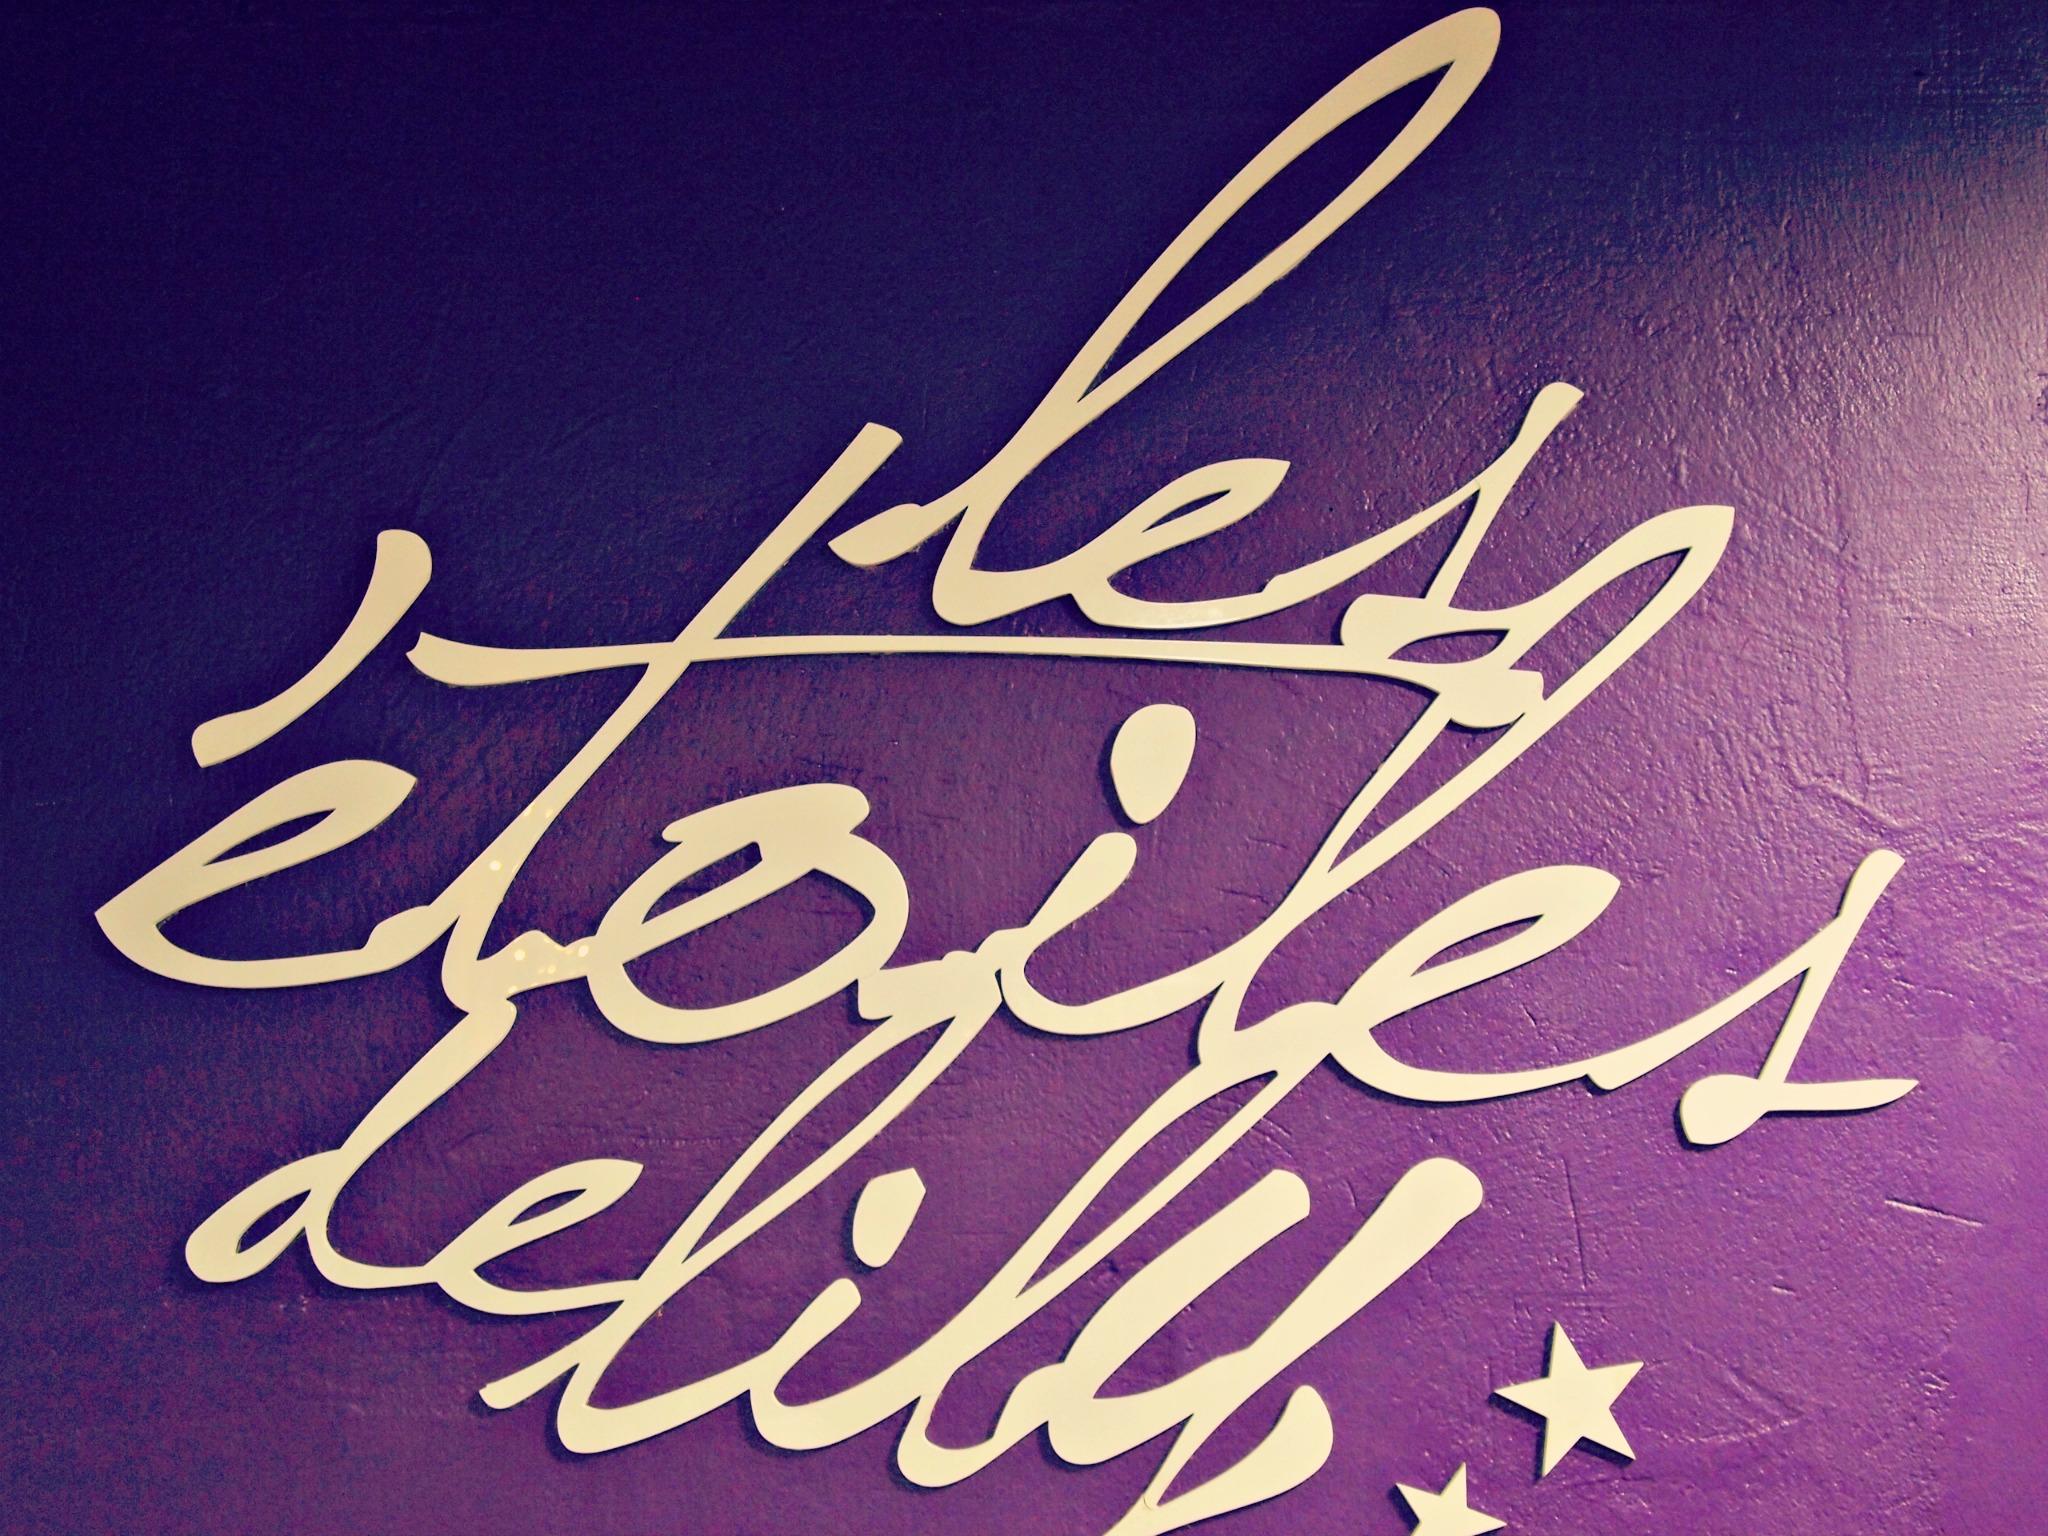 Les étoiles de Lily blog marseille